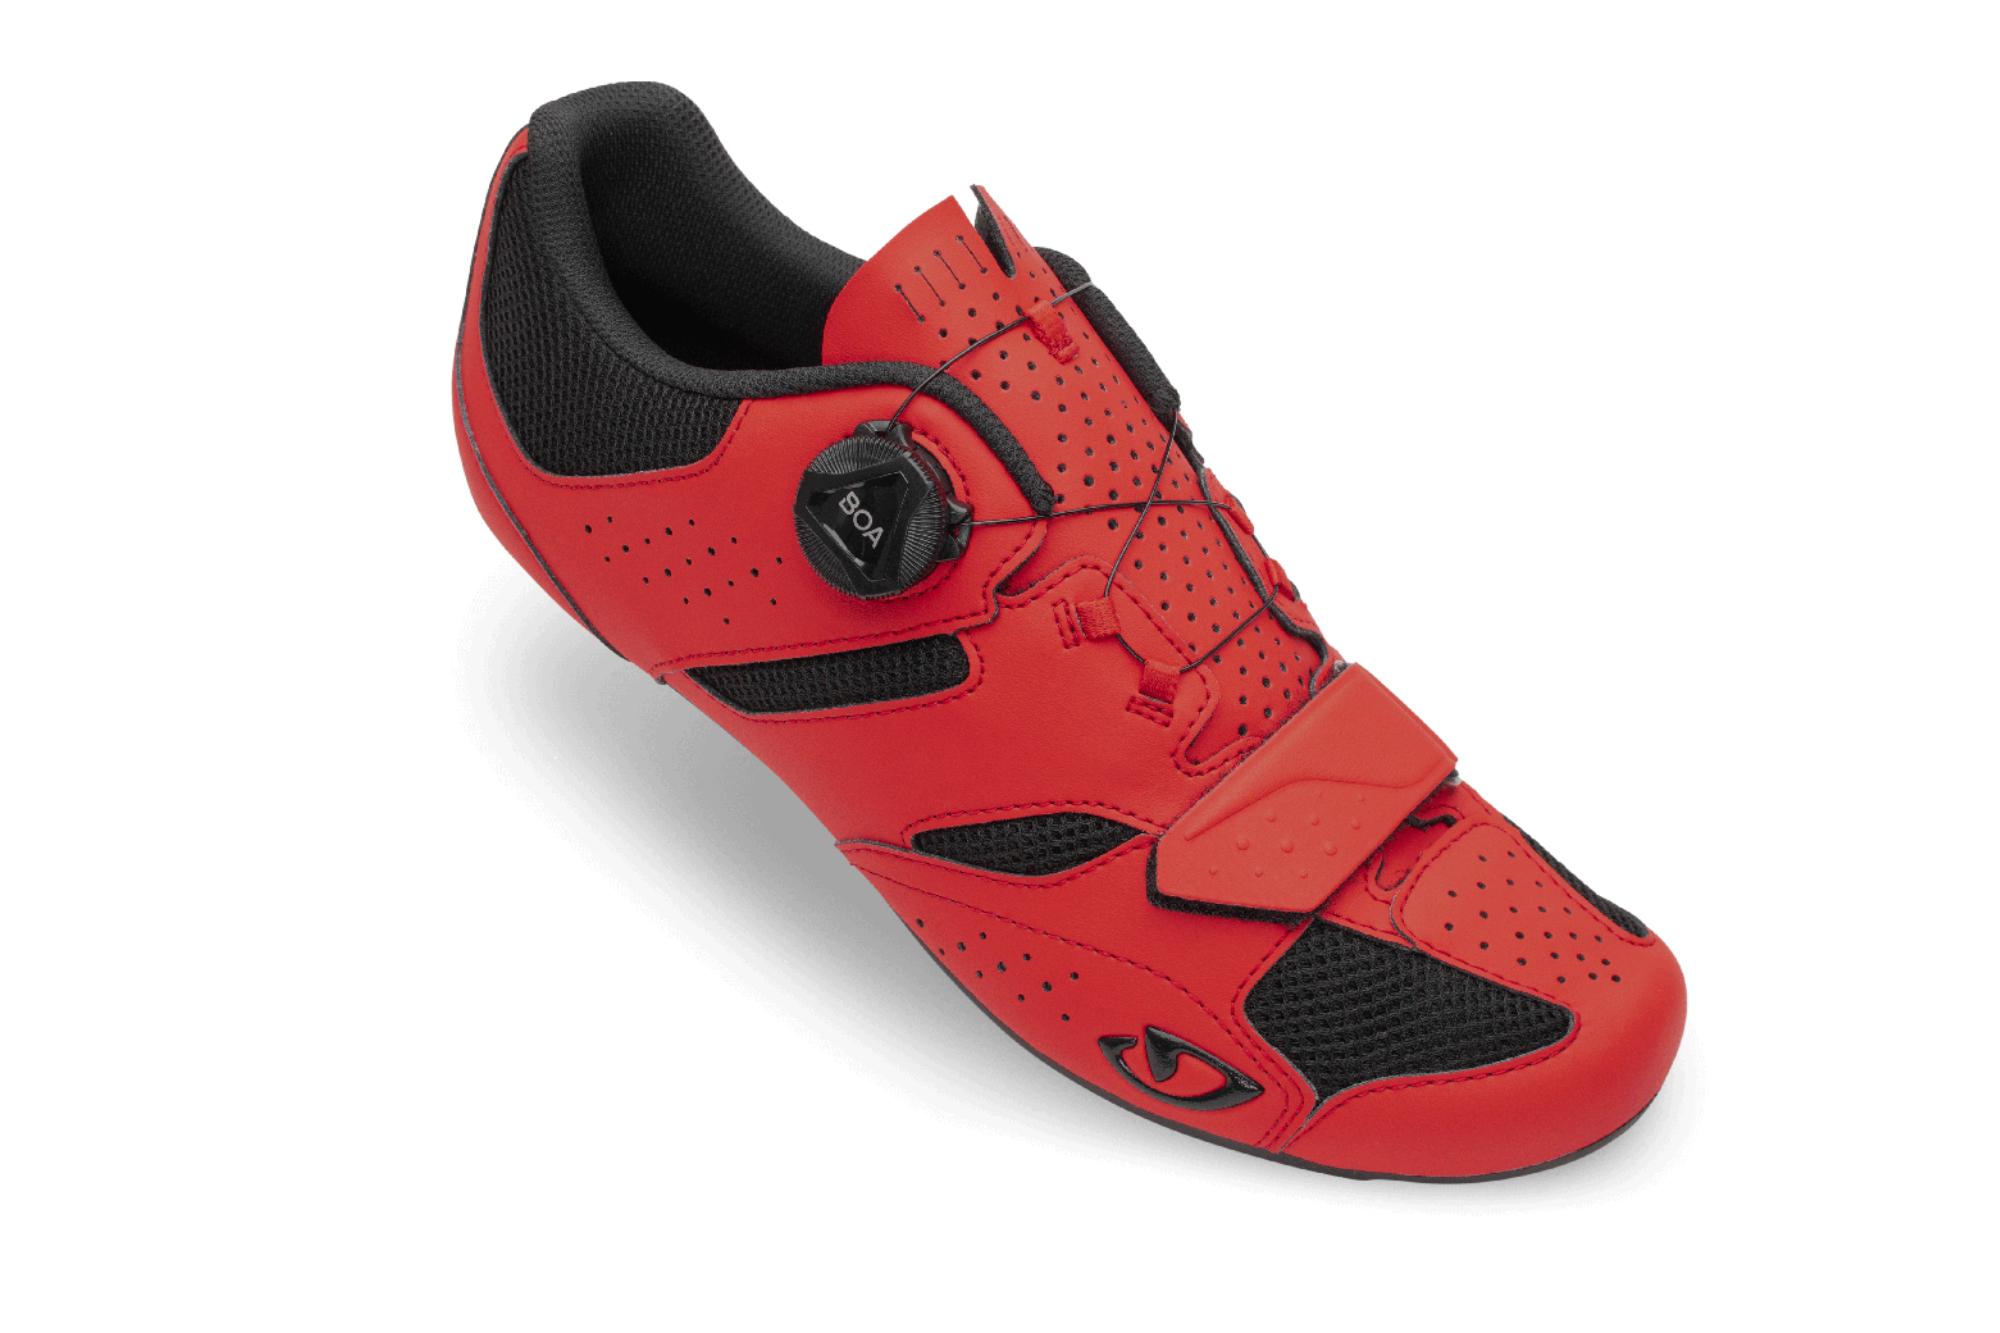 Giro Savix II shoes review